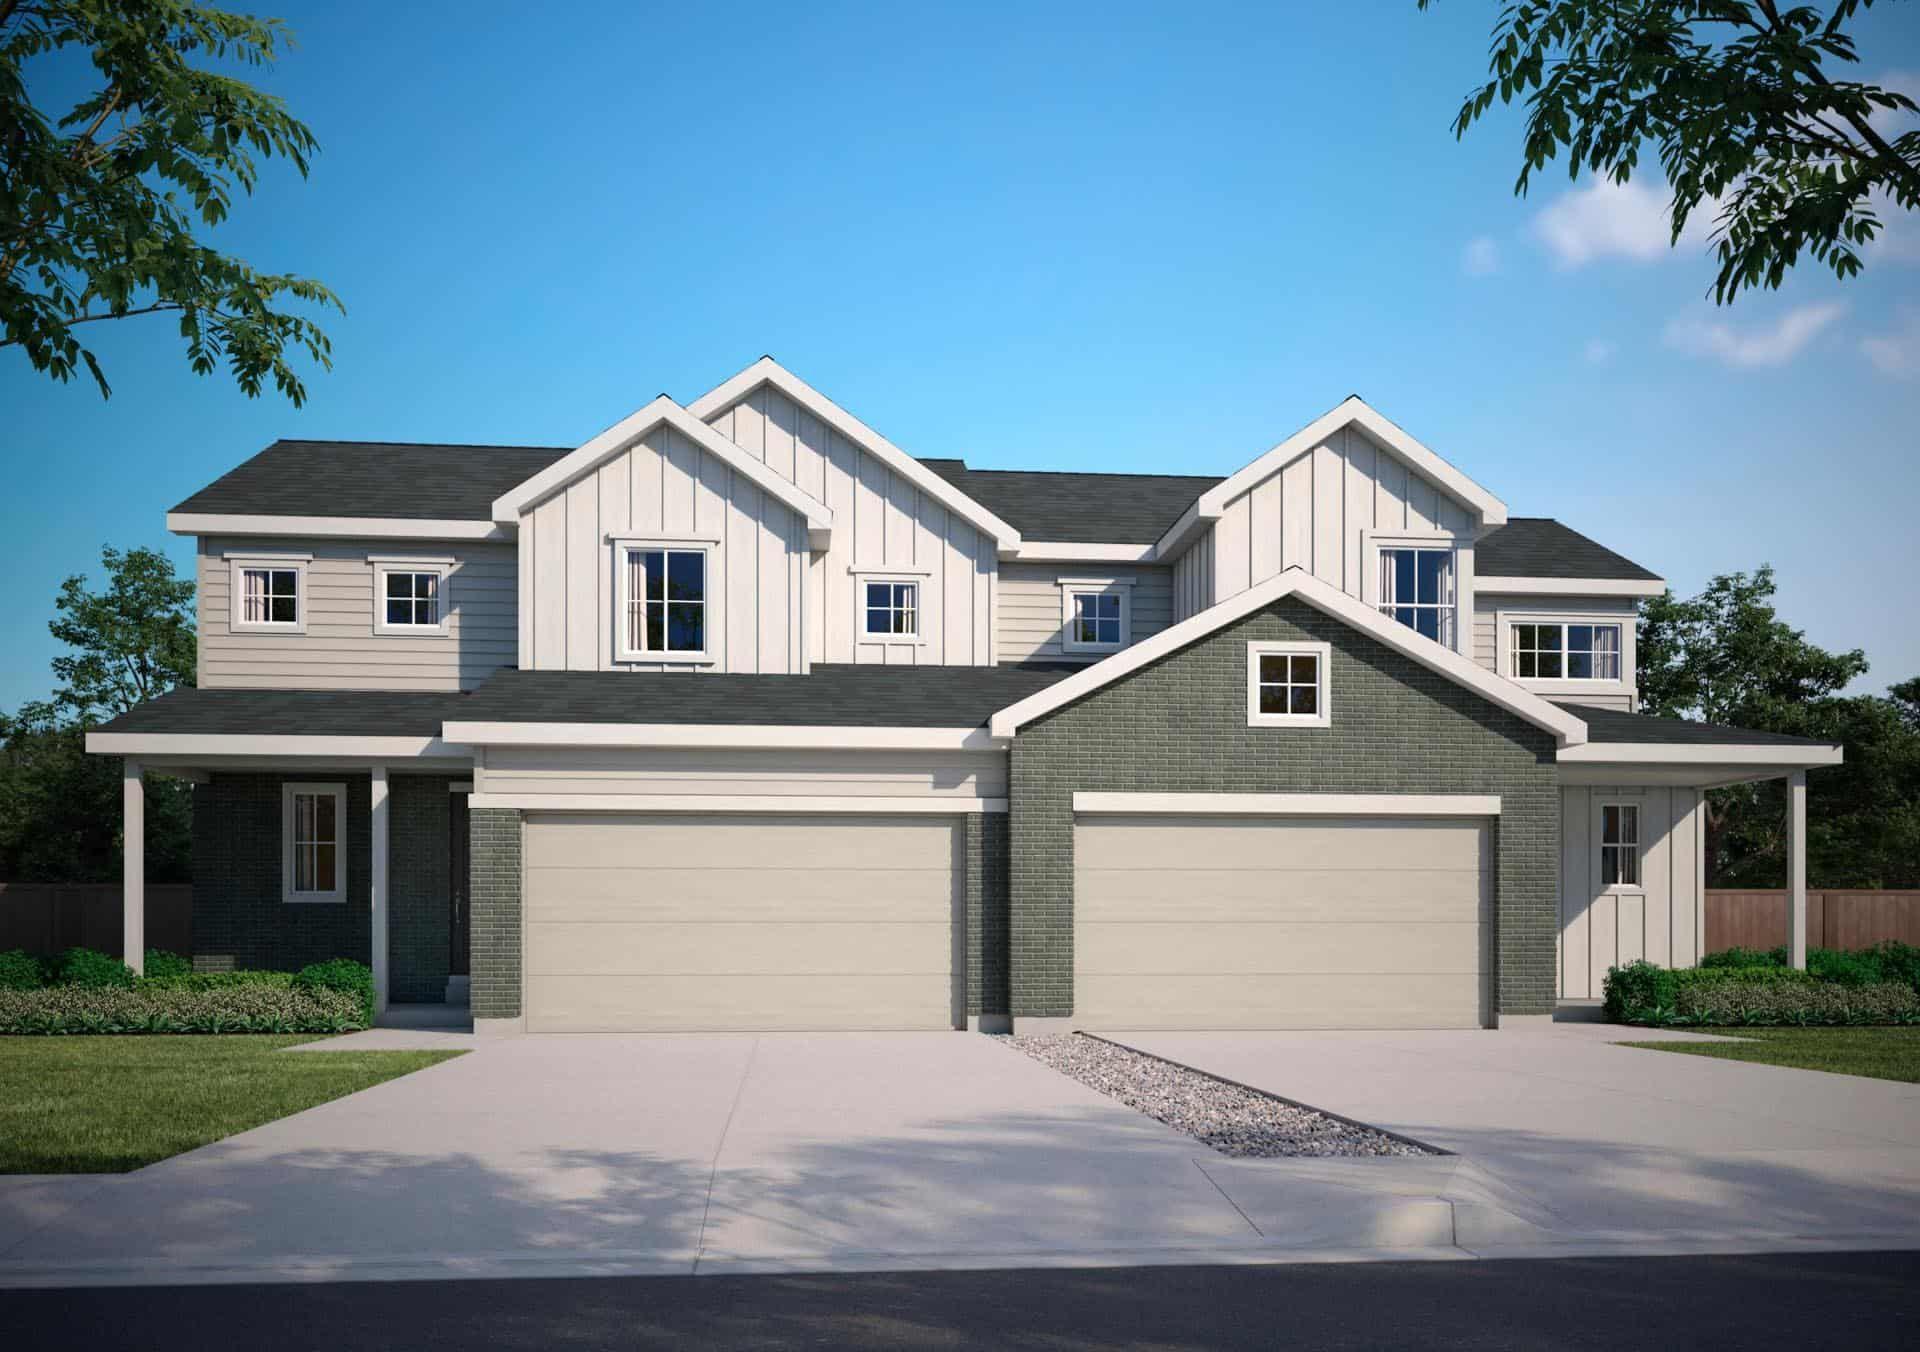 Farmhouse - A:Plan 3403 A   |   Plan 3402 A